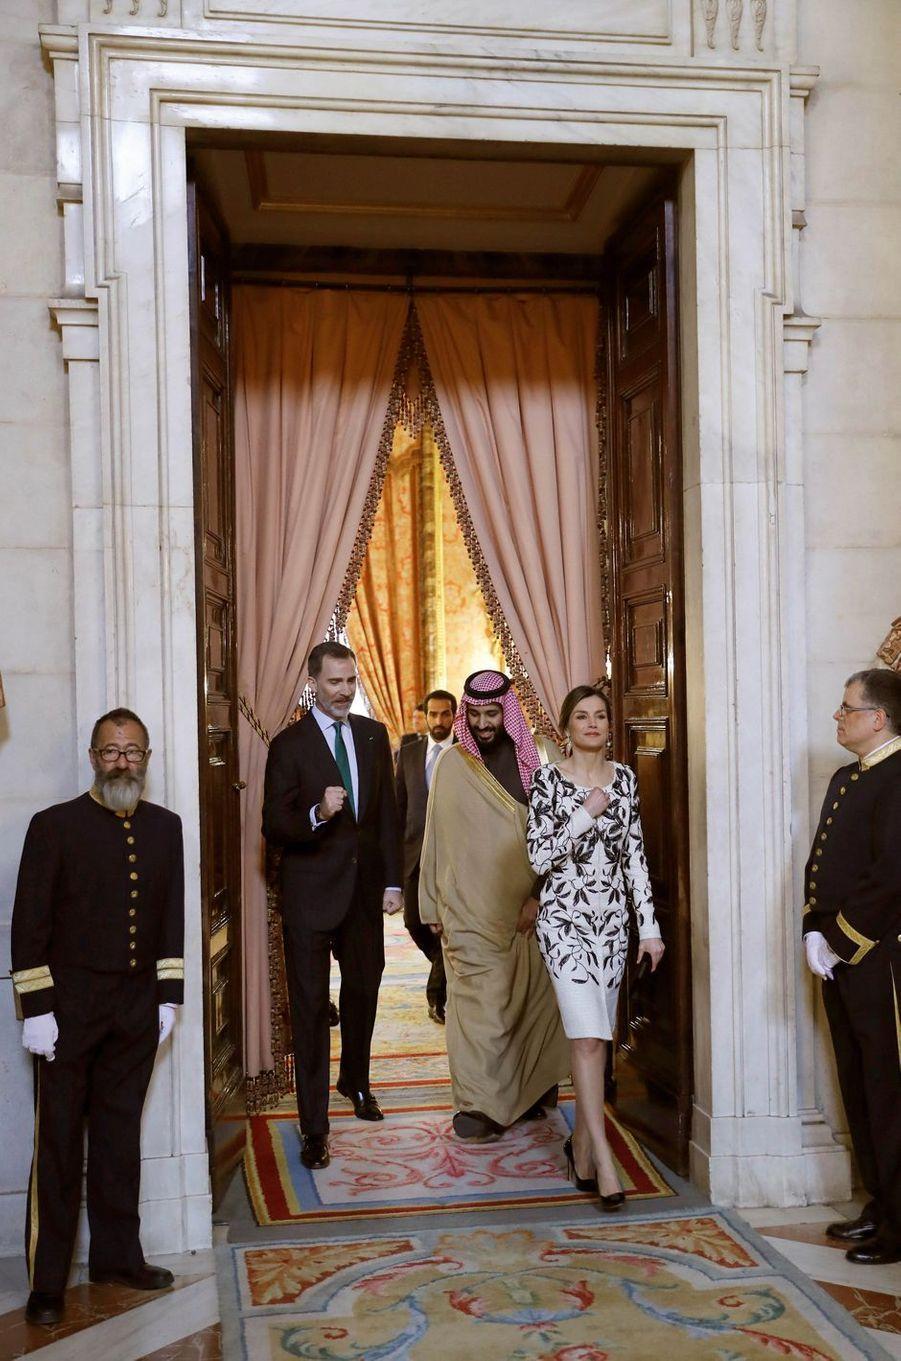 La reine Letizia et le roi Felipe VI d'Espagne avec le prince héritier saoudien Mohammed ben Salmane à Madrid, le 12 avril 2018